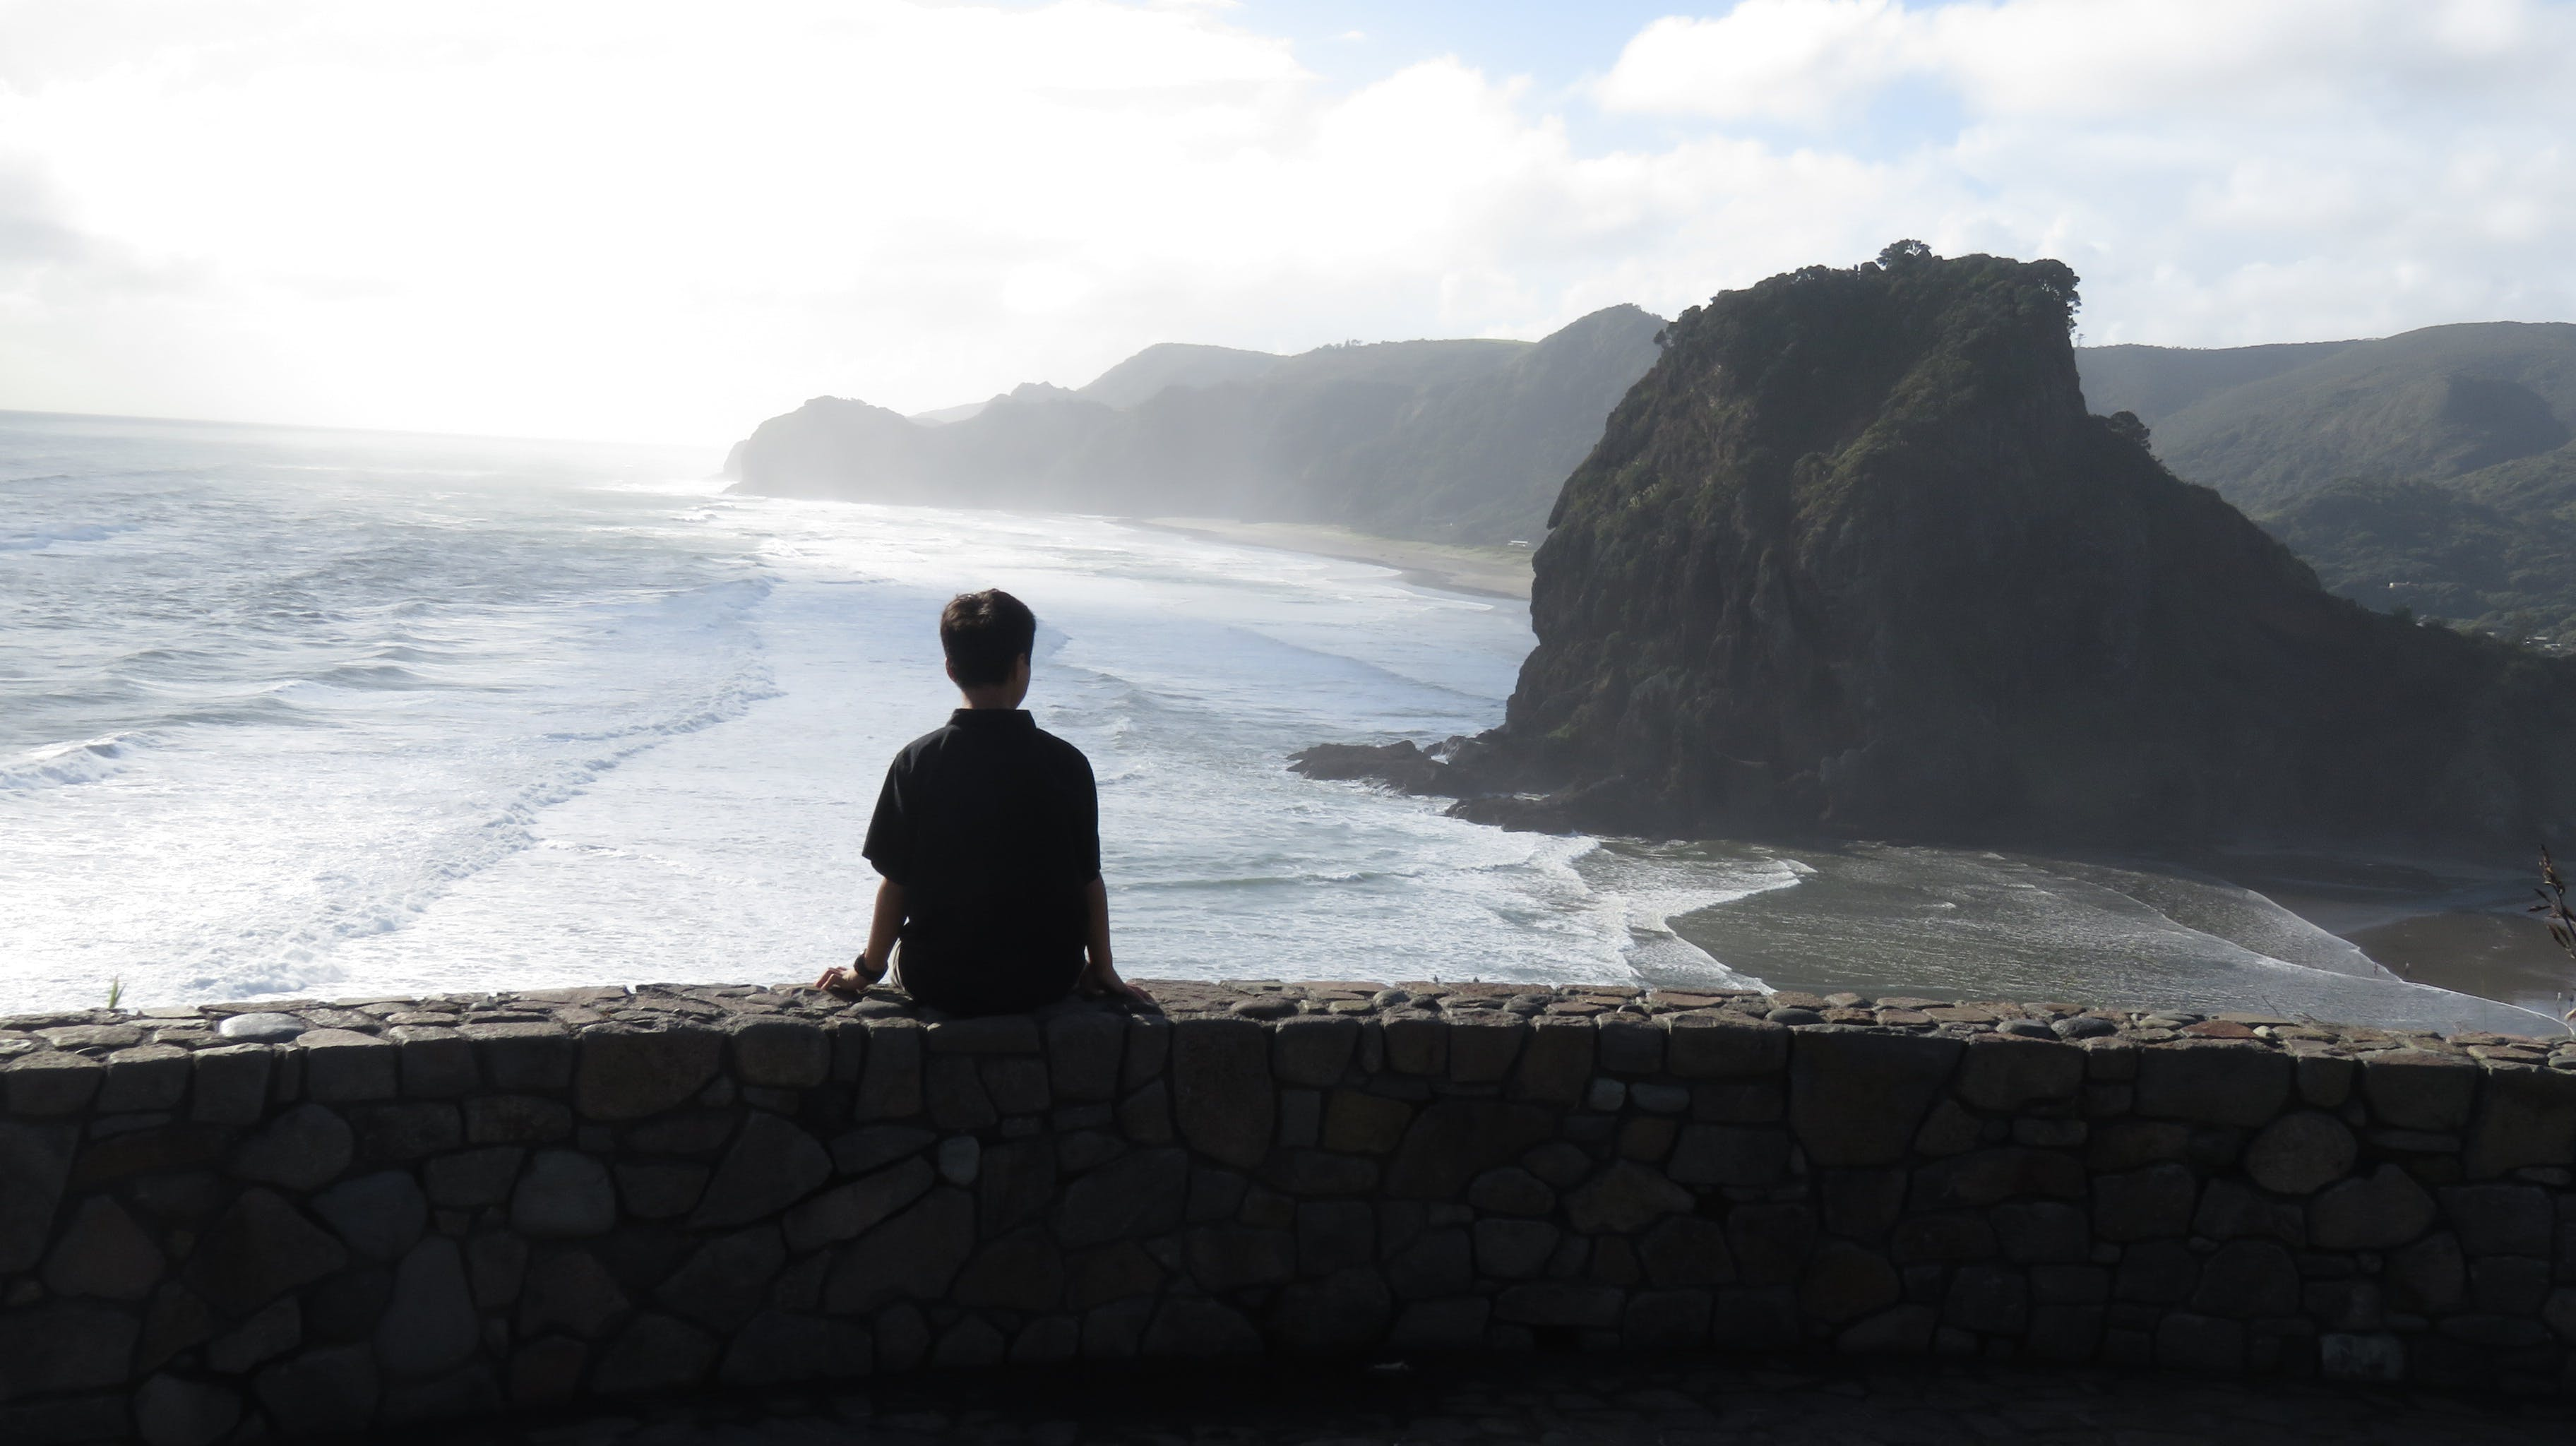 경치, 경치가 좋은, 관광, 대자연의 무료 스톡 사진